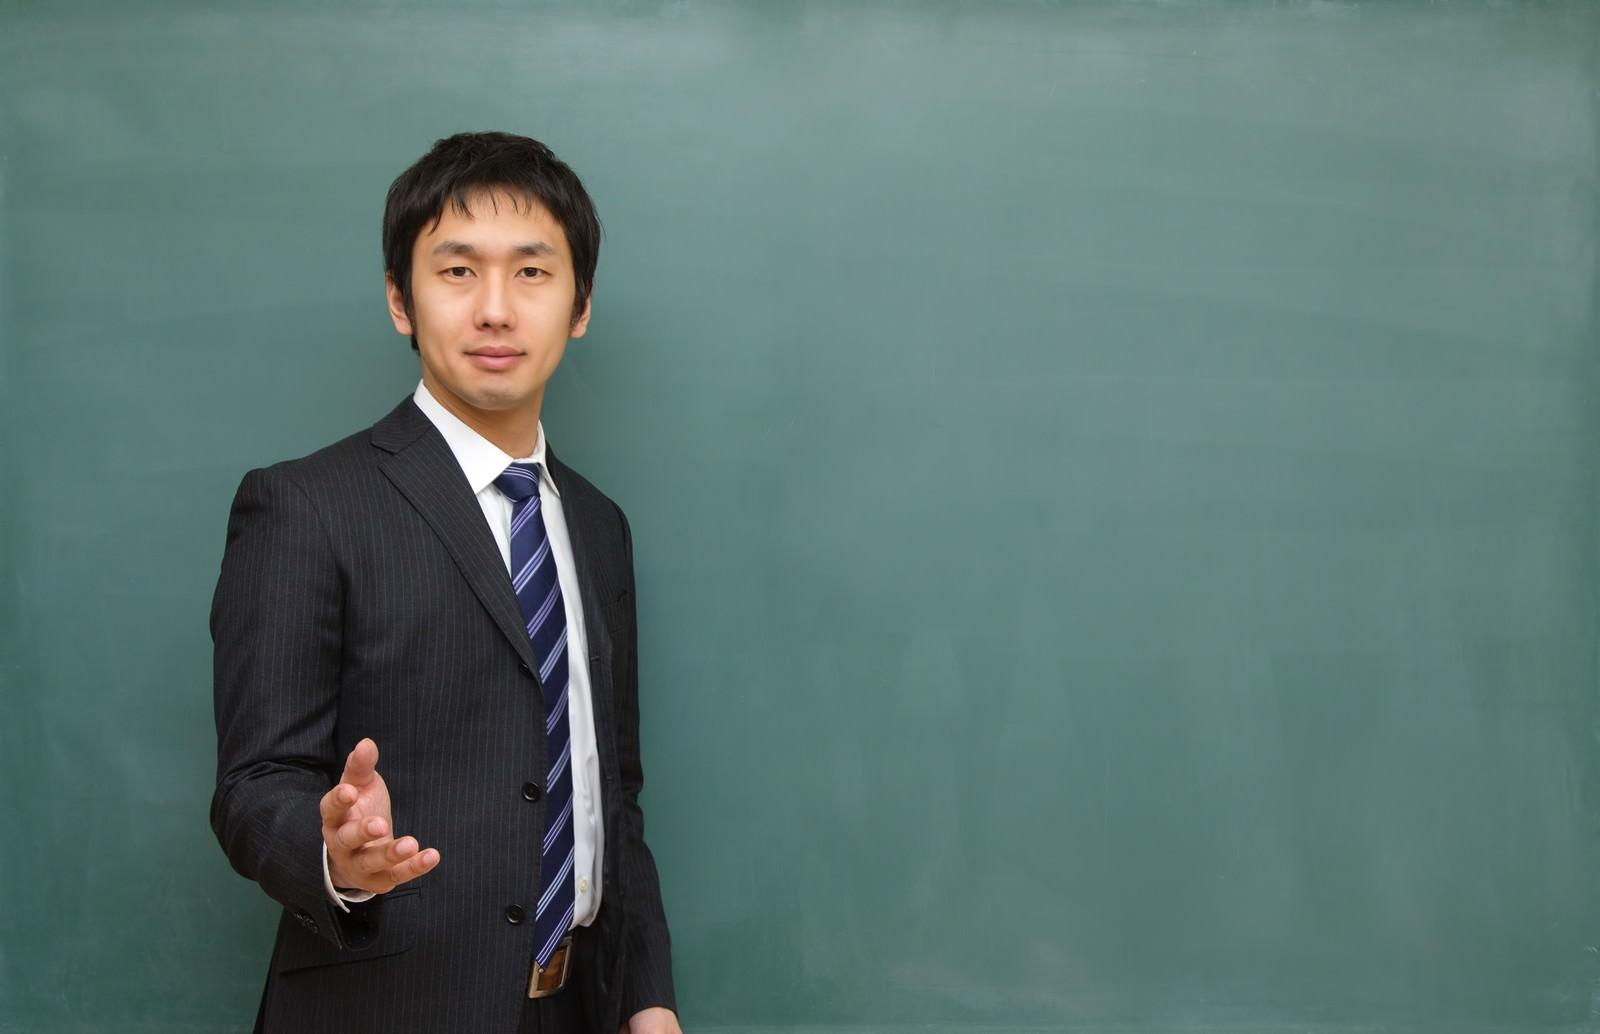 「優しい顔で授業を行う塾の講師」の写真[モデル:大川竜弥]